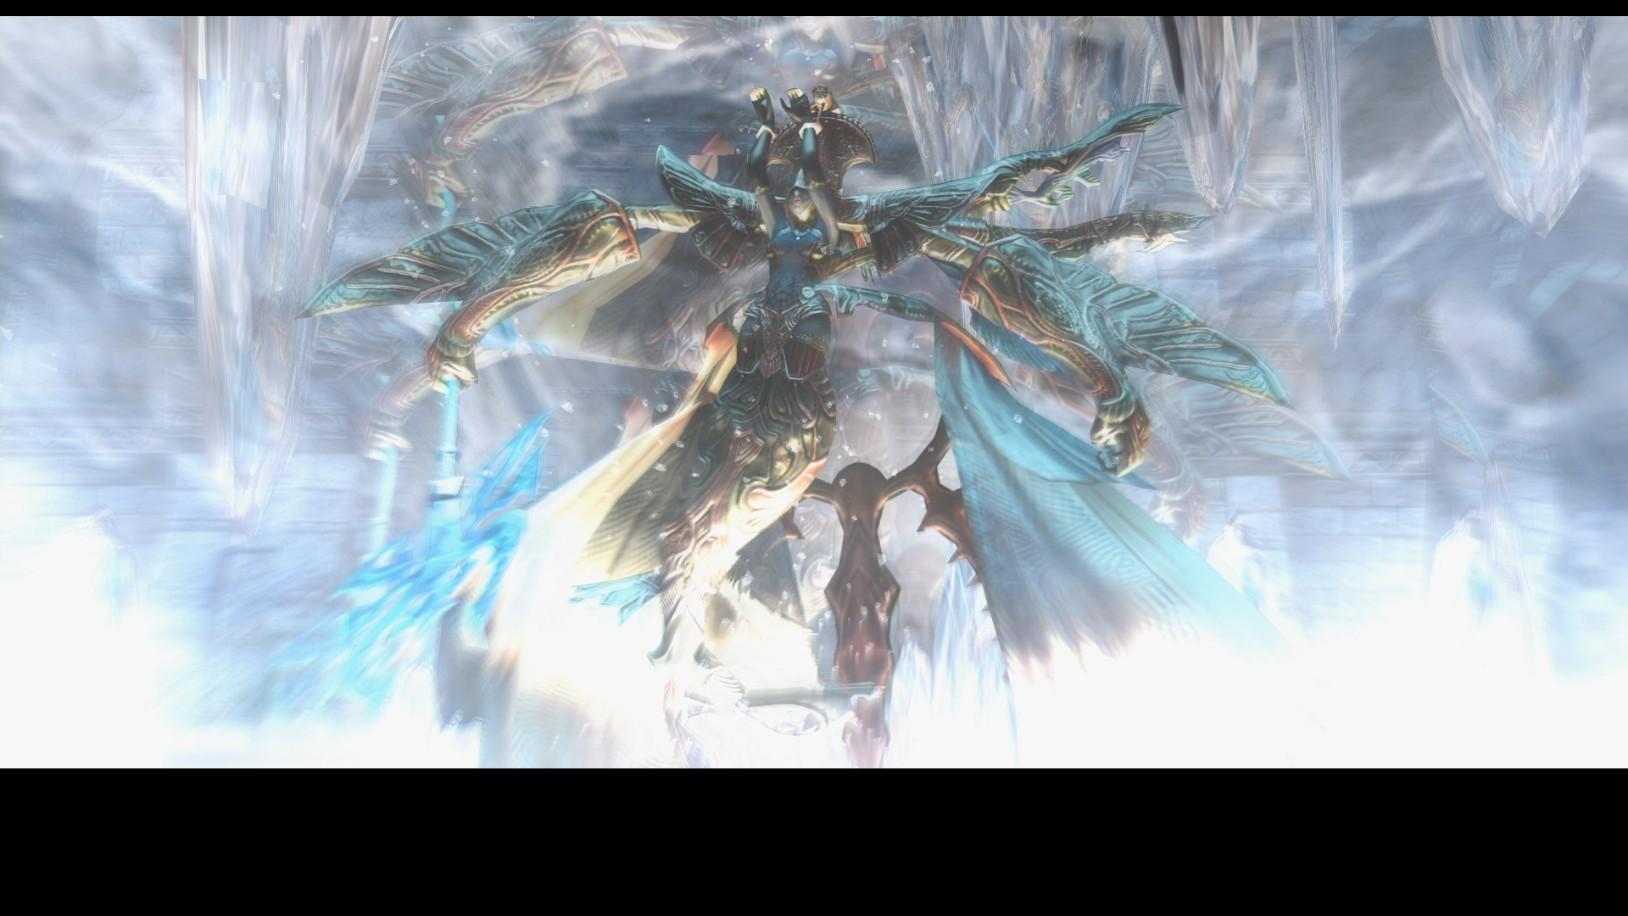 Lov, klany a nepřátelé z Final Fantasy XII: The Zodiac Age na screenshotech 146283